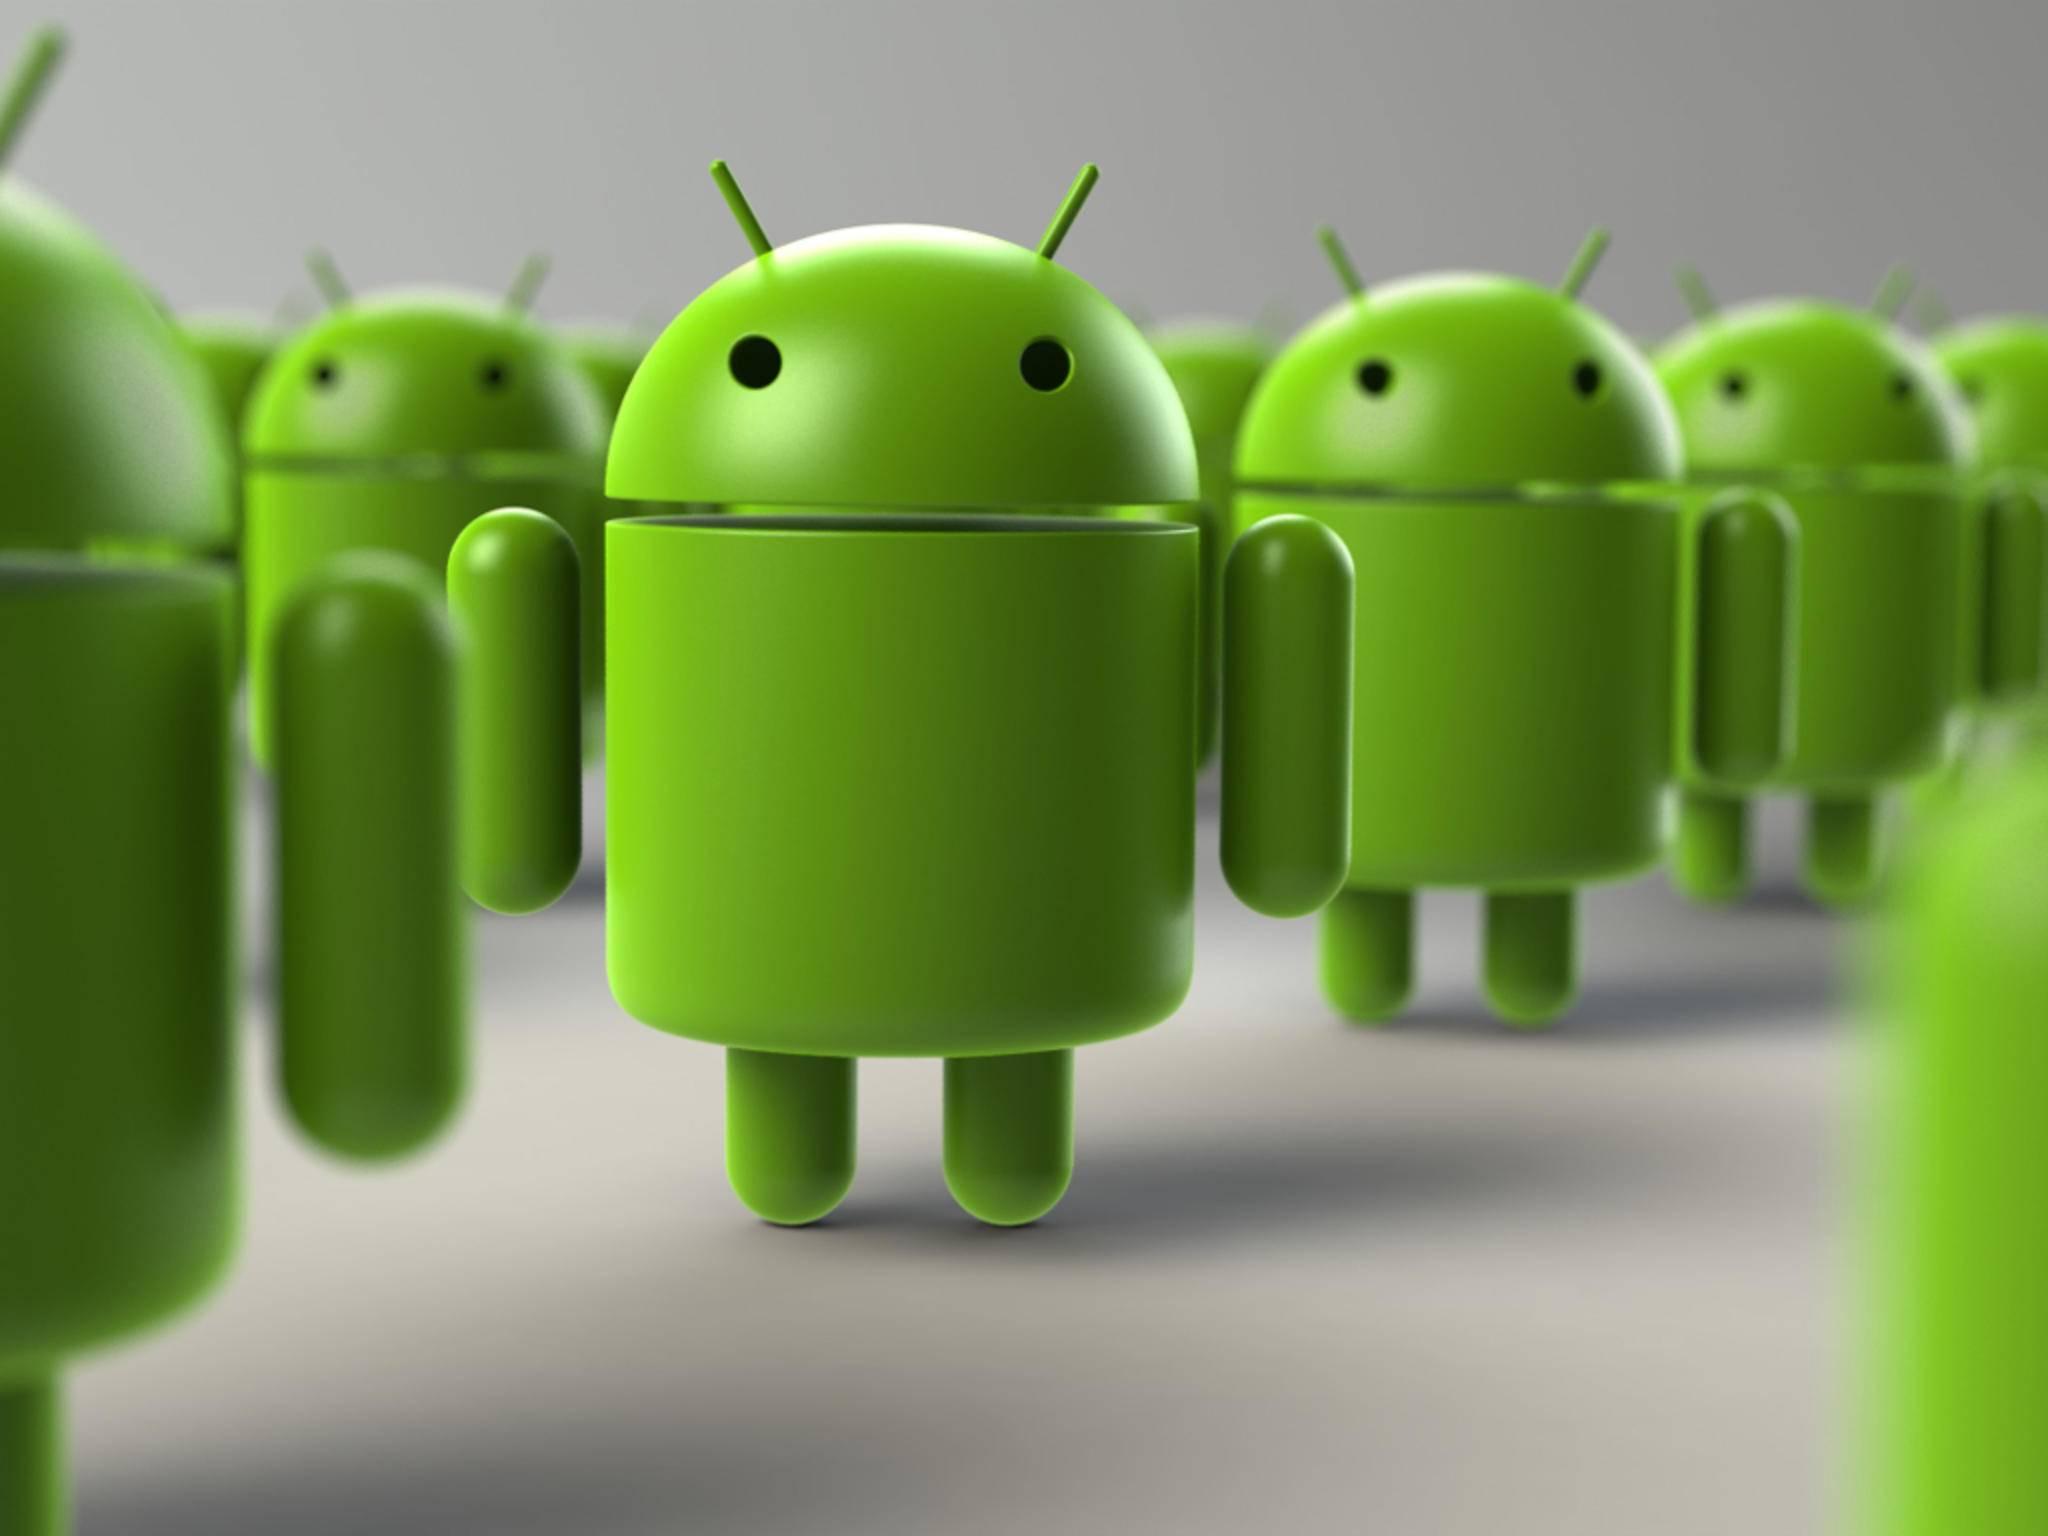 Android M soll zahlreiche Neuerungen aufs Smartphone bringen.